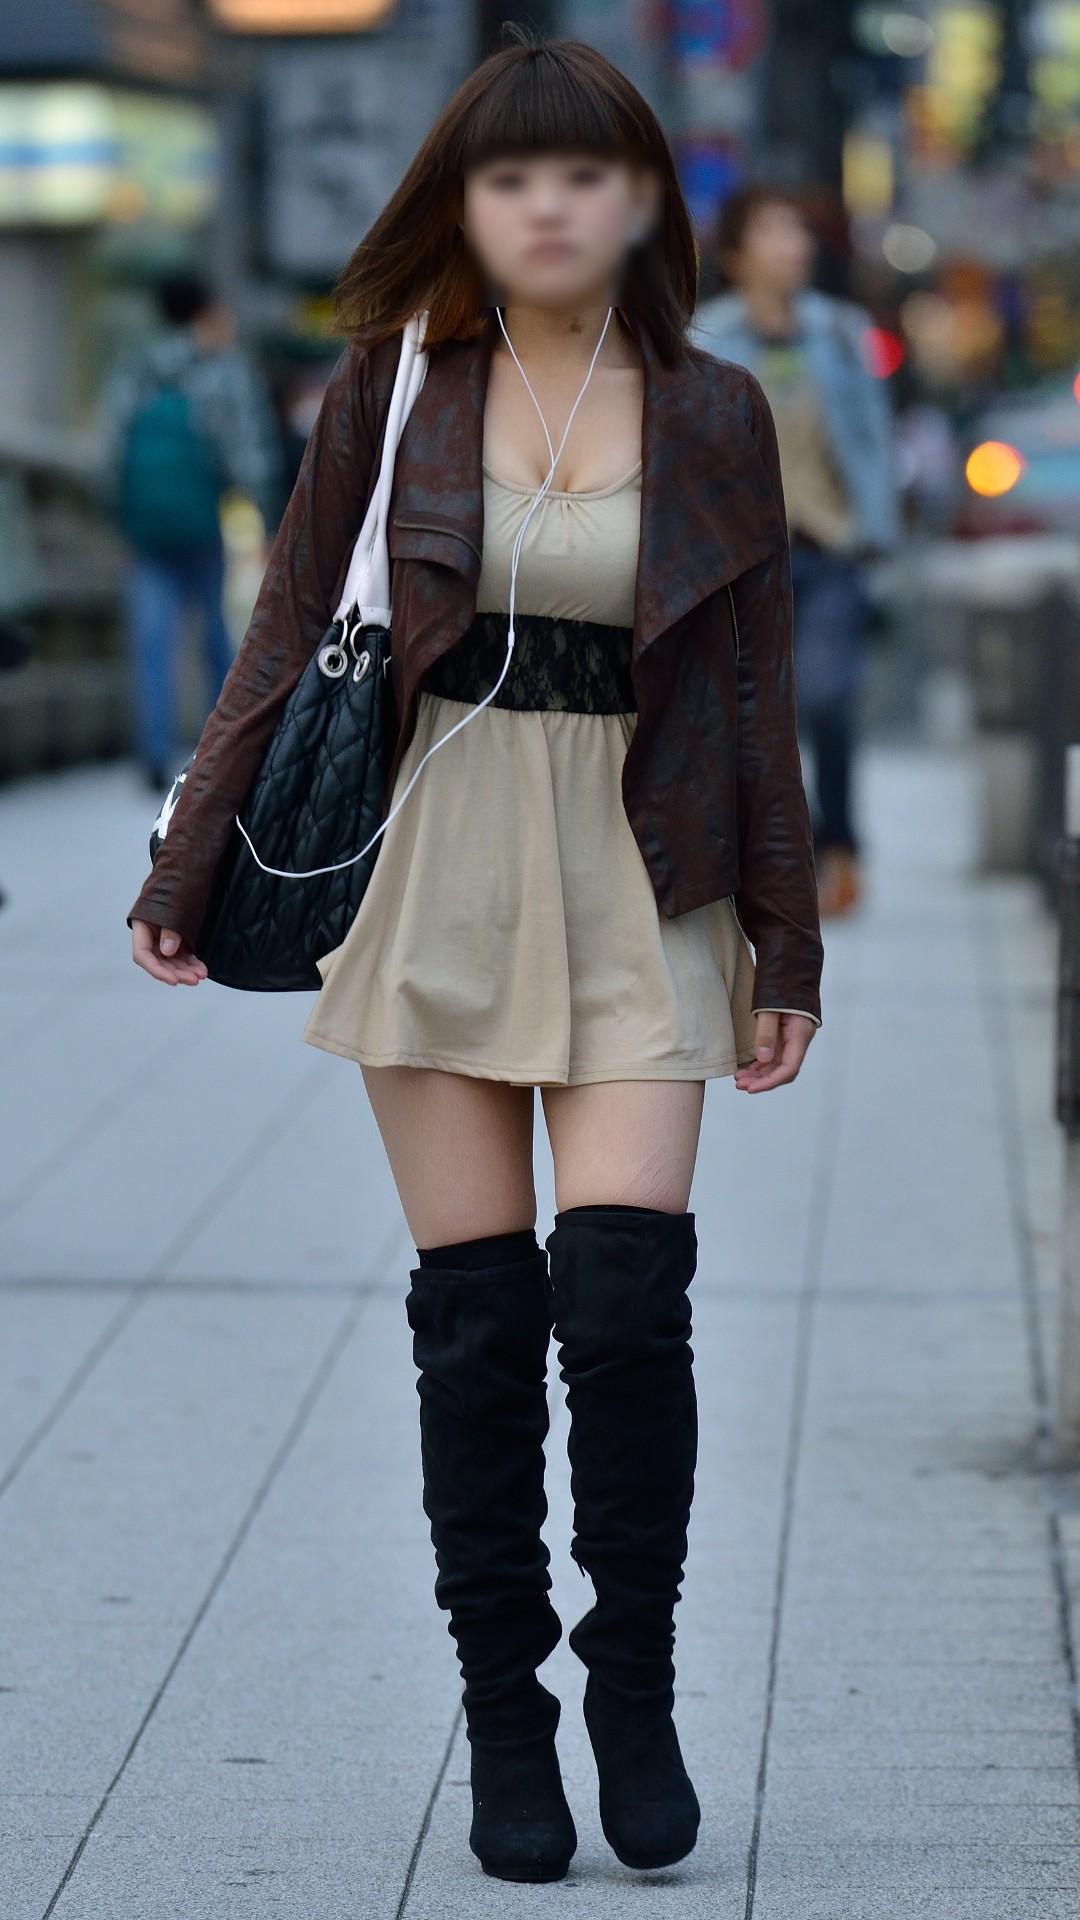 【おっぱい】春になると気分も服装も大胆になるからおっぱいも膨らんじゃうよね!【30枚】 16